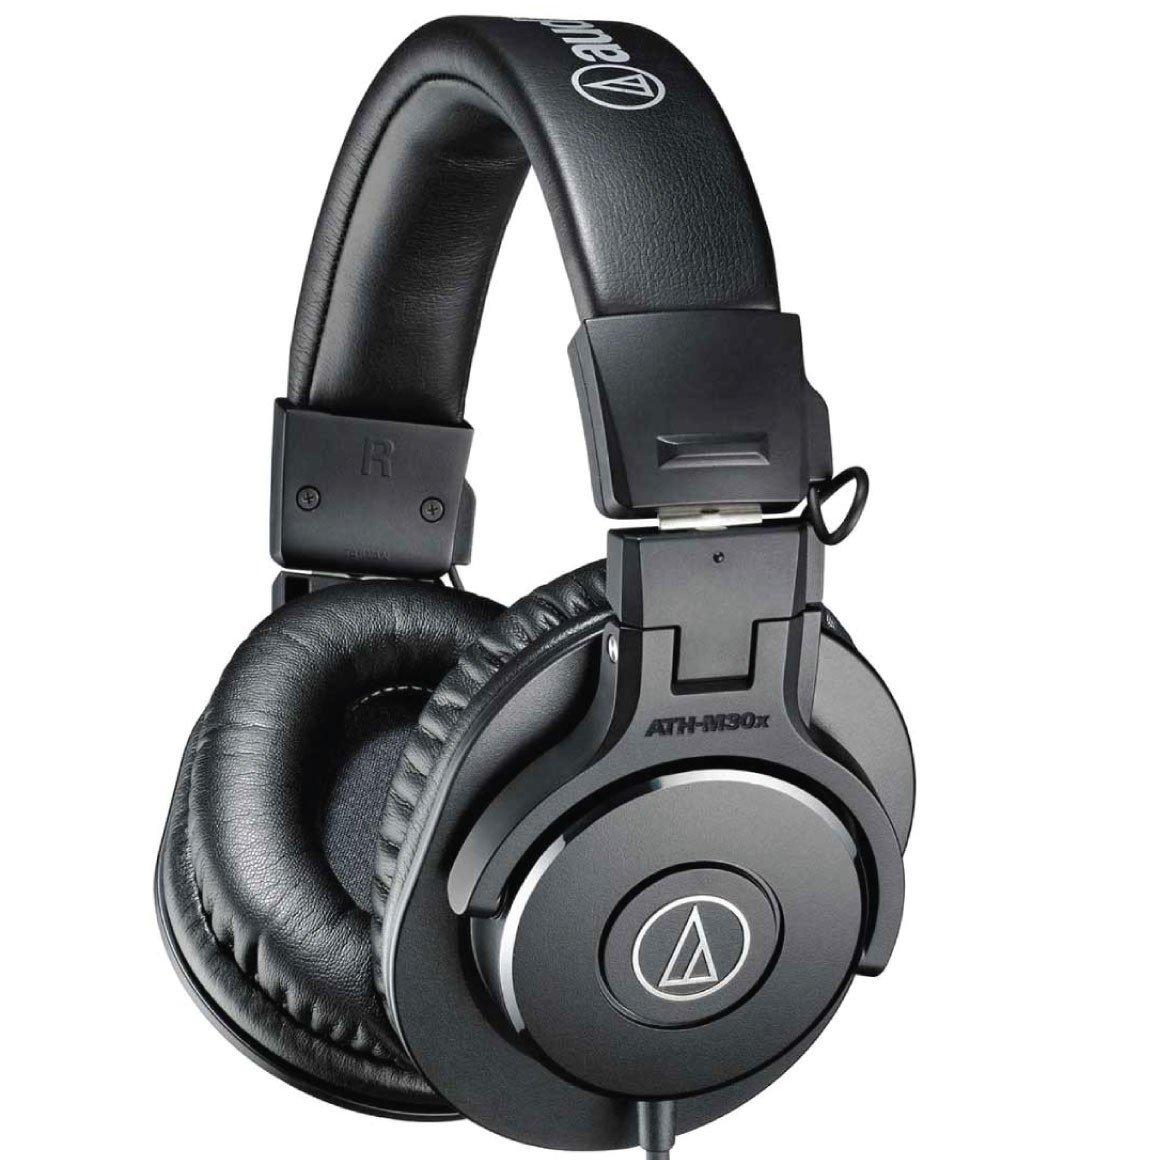 Audio-Technica ATH-MX30